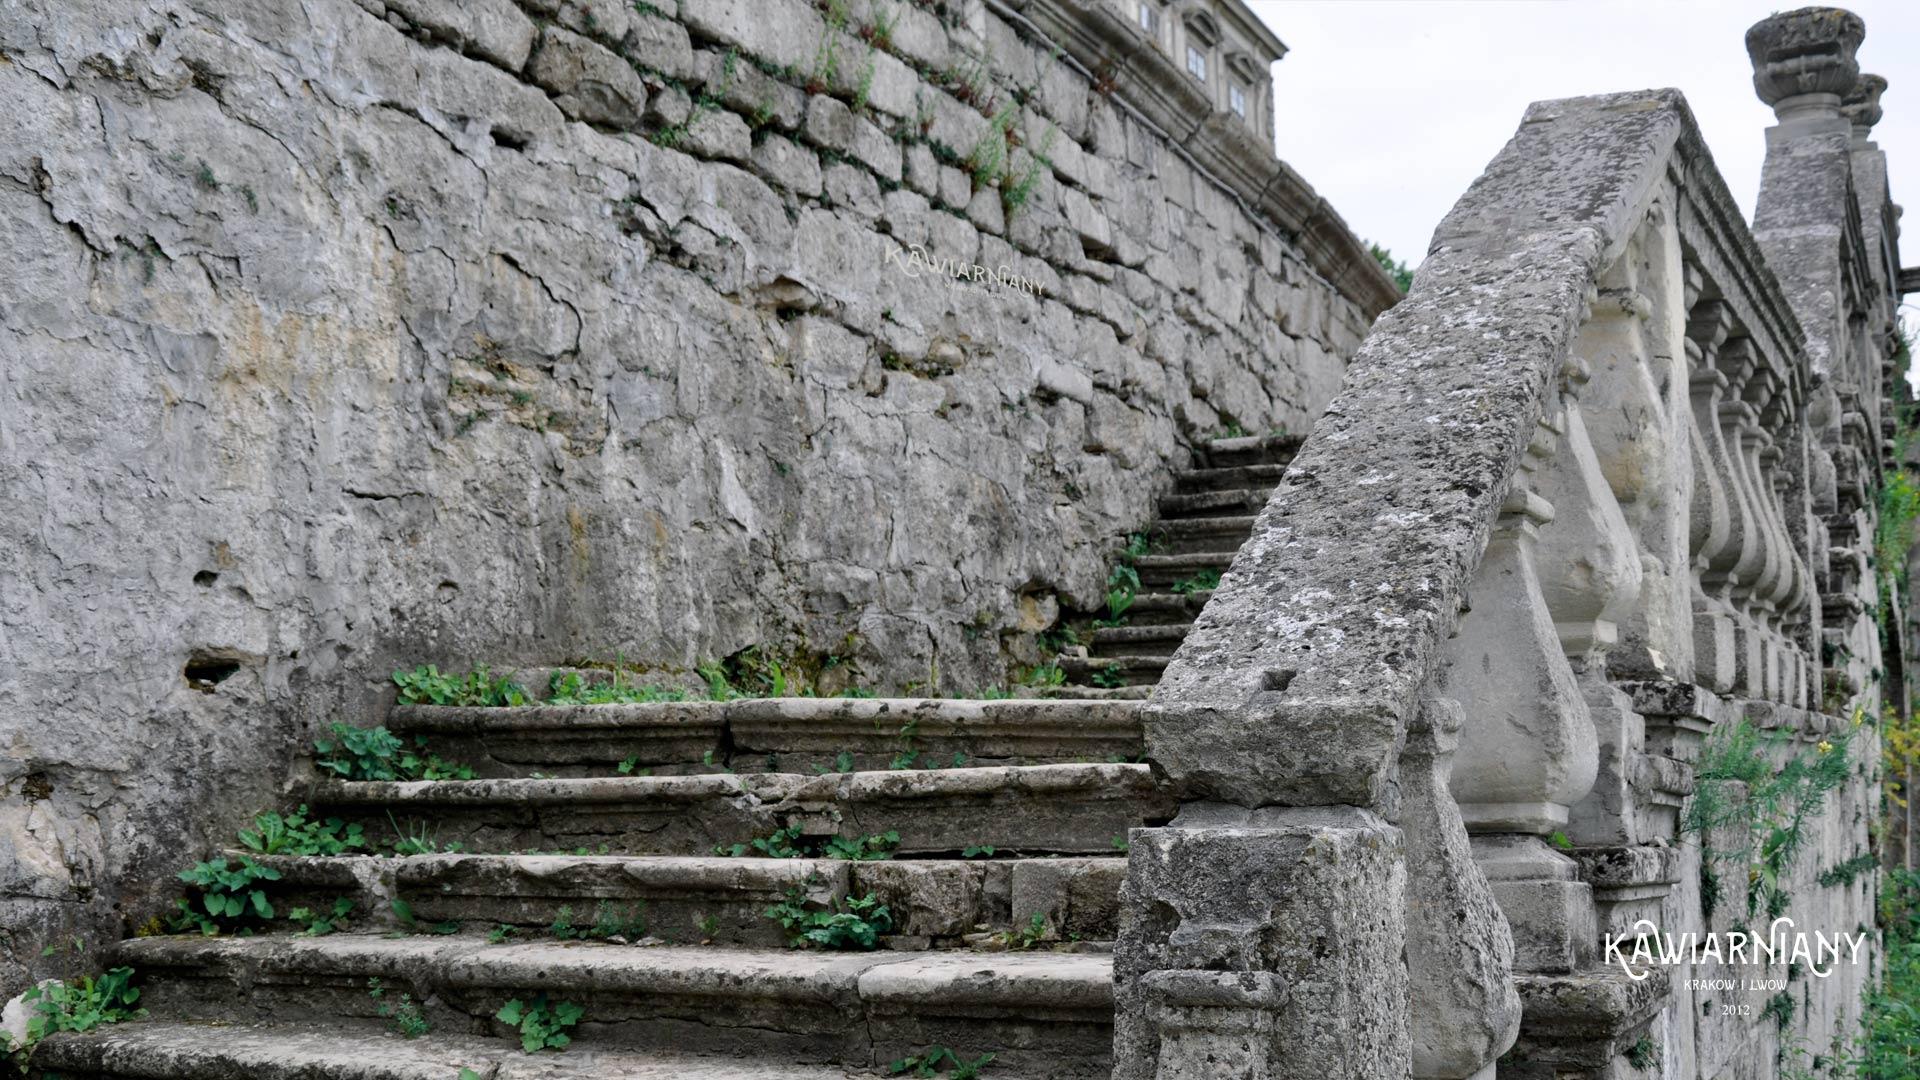 Zamek w Podhorcach, zniszczenia